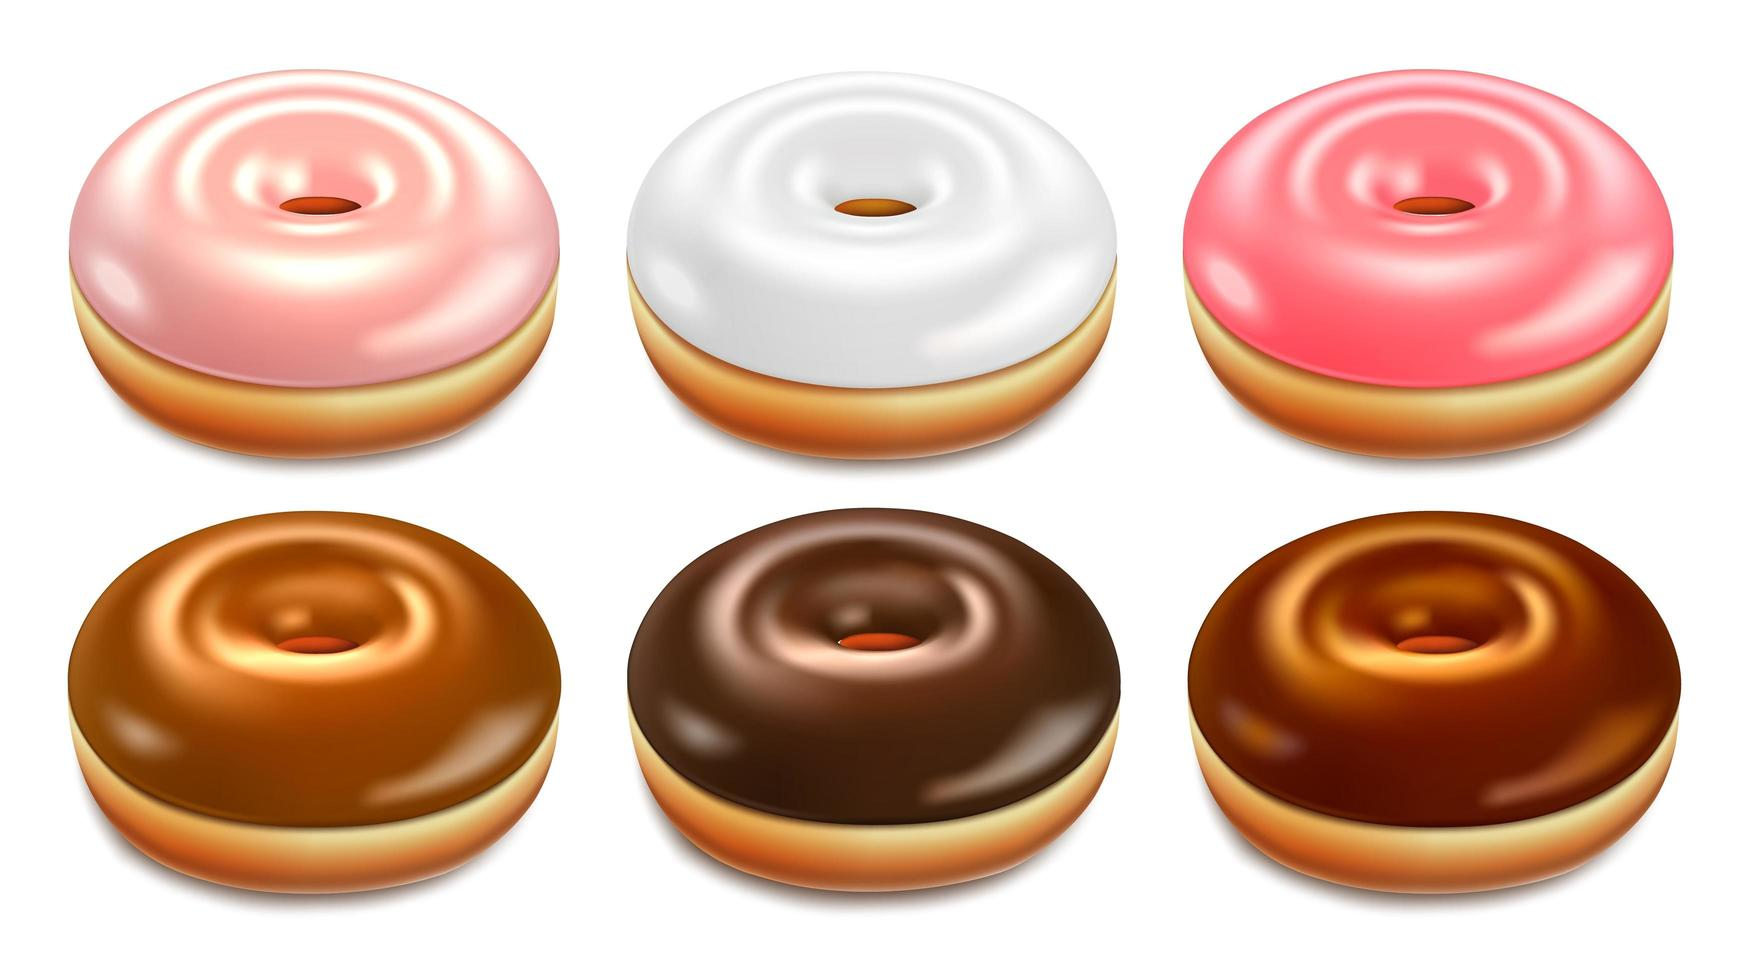 rosa, vita, bruna munkar set vektor